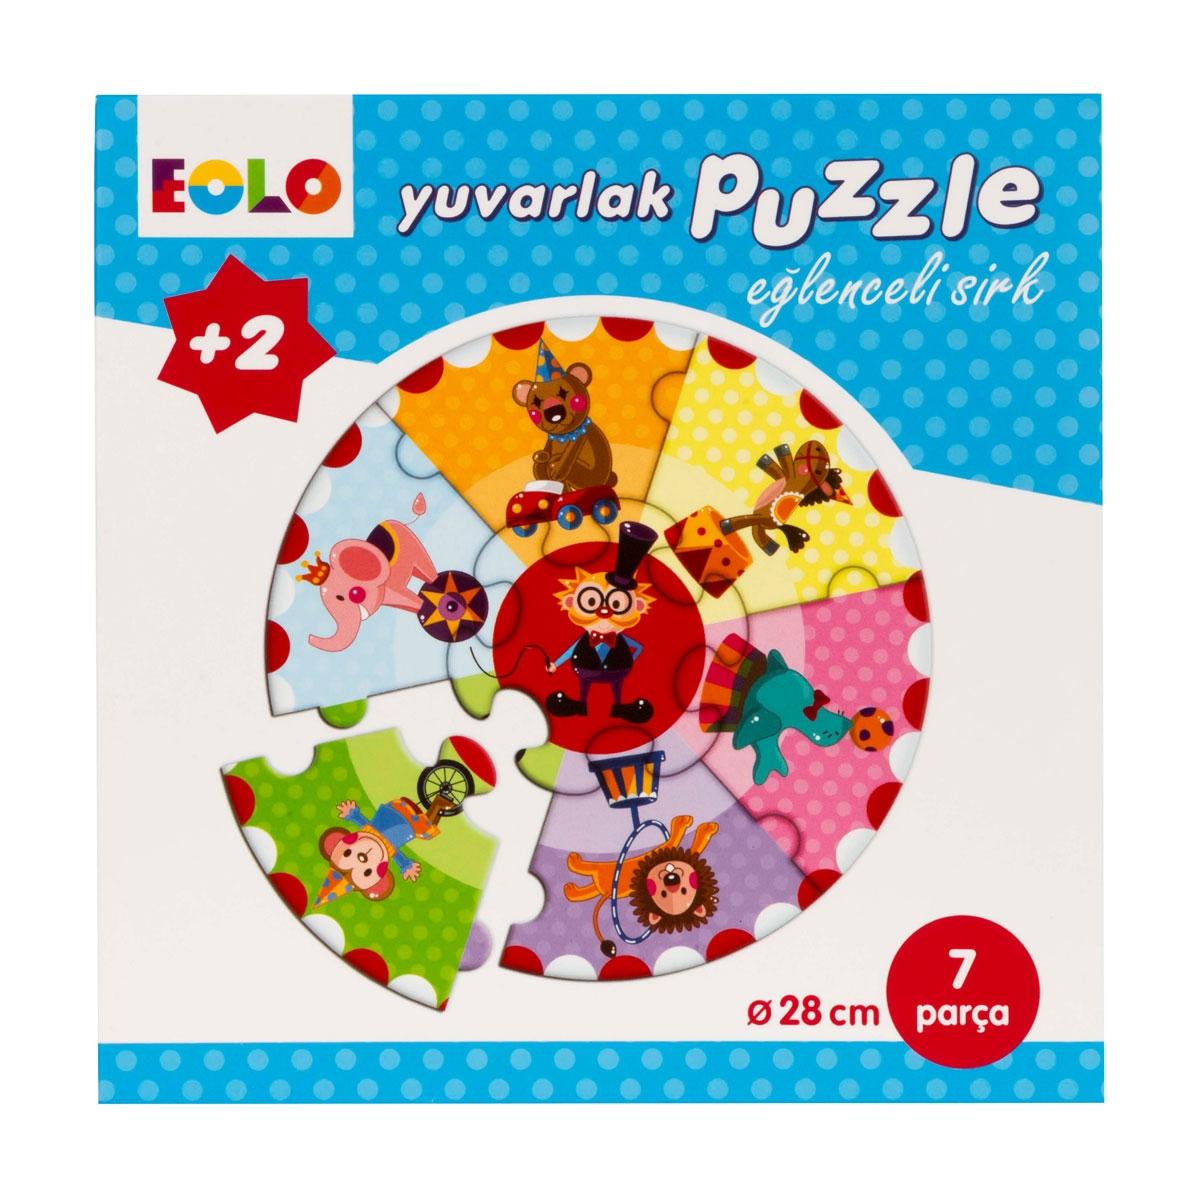 Yuvarlak Puzzle - Eğlenceli Sirk